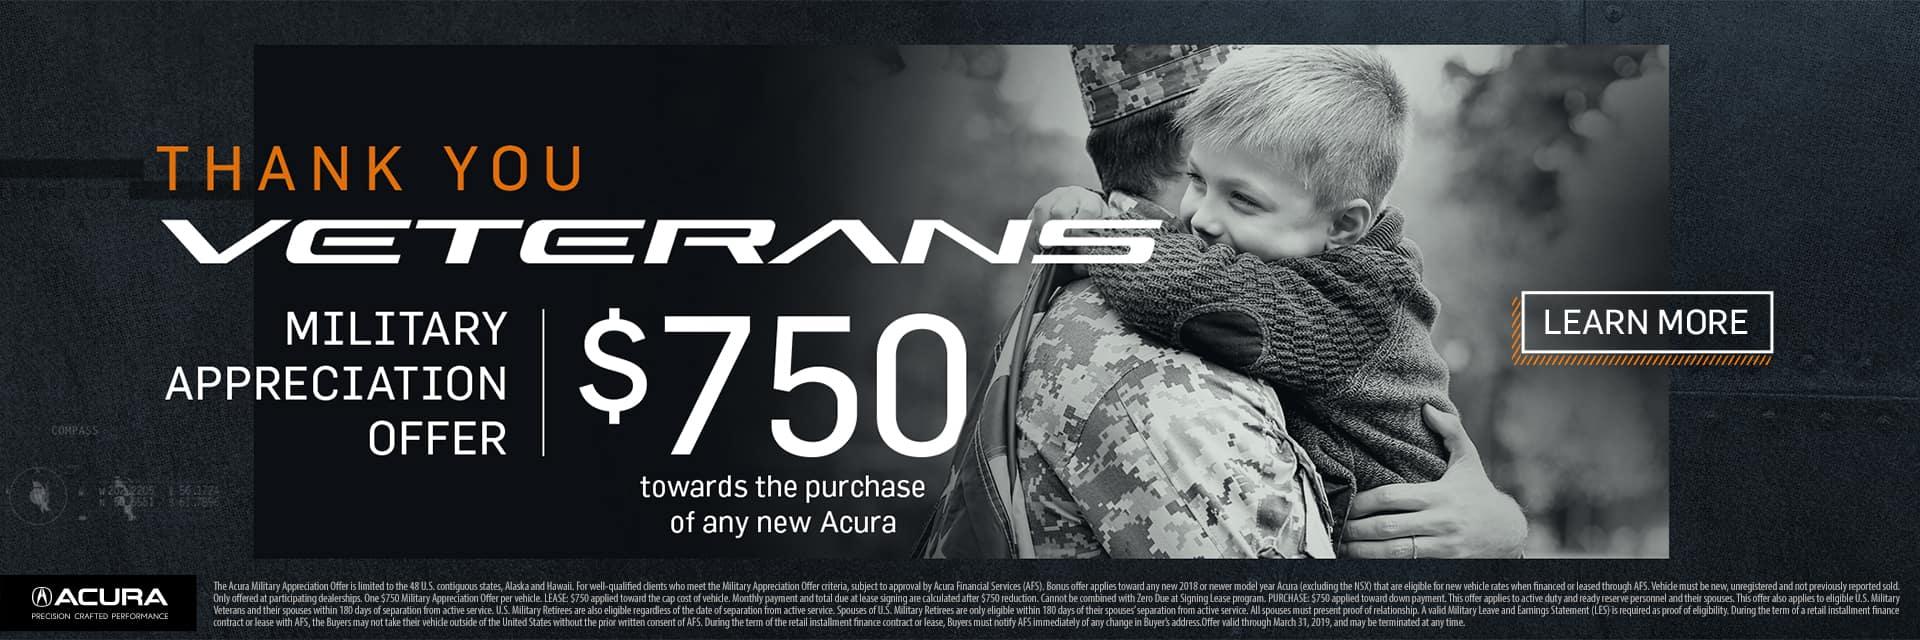 acura veterans Day offer